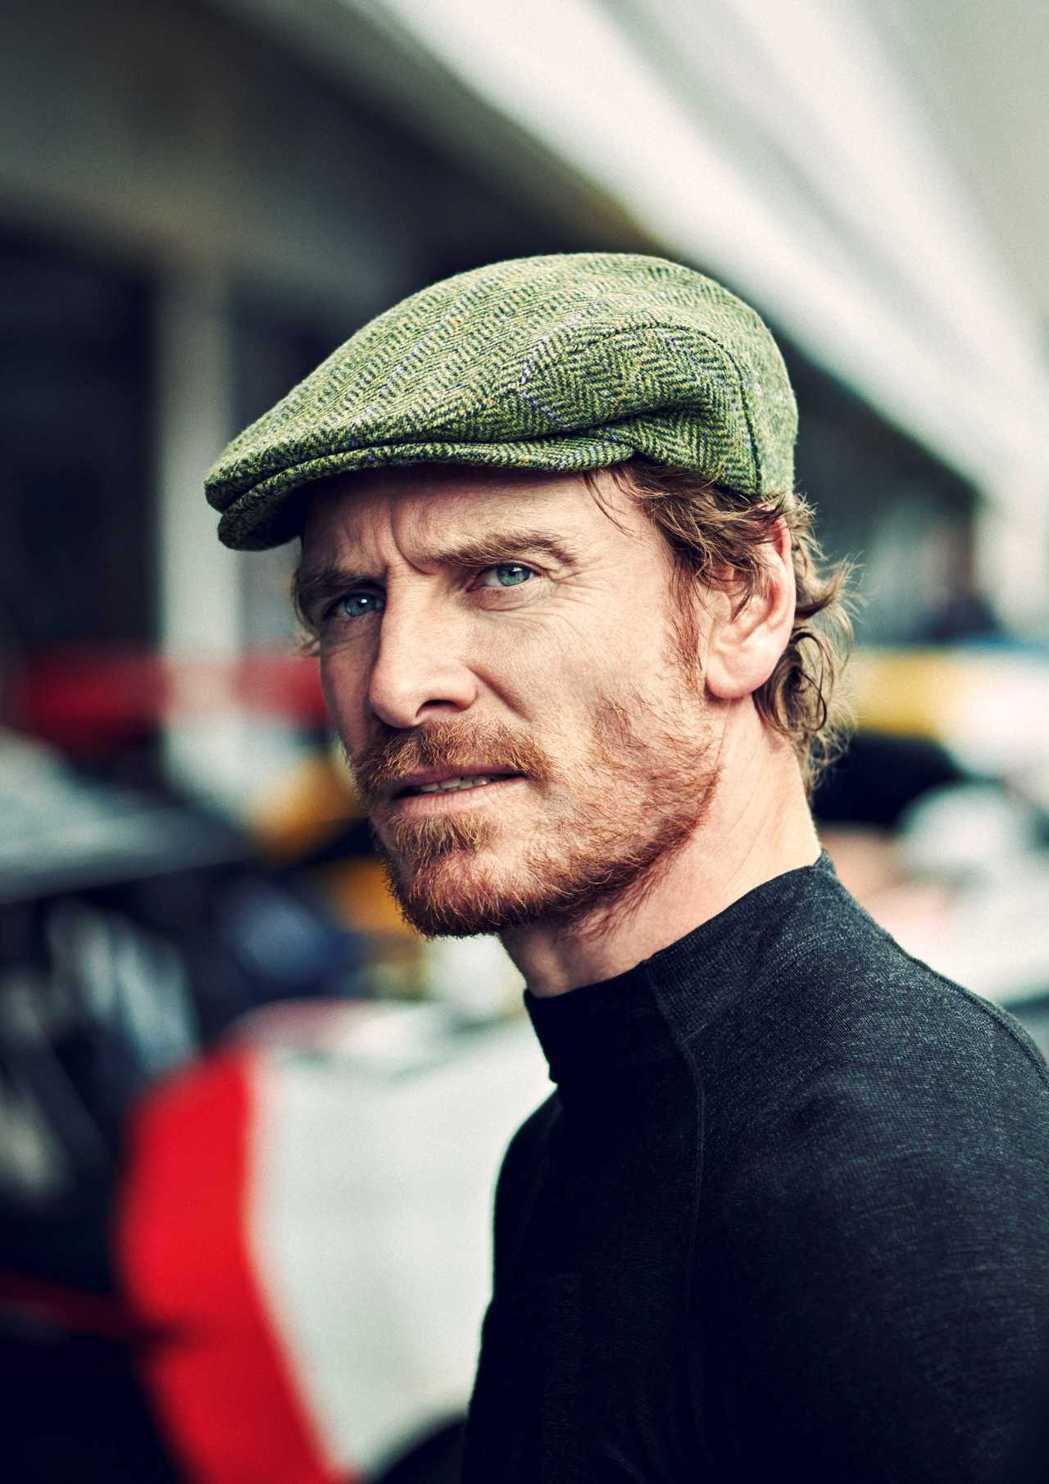 好萊塢影星德裔愛爾蘭籍演員麥可 ·法斯賓達(Michael Fassbender...